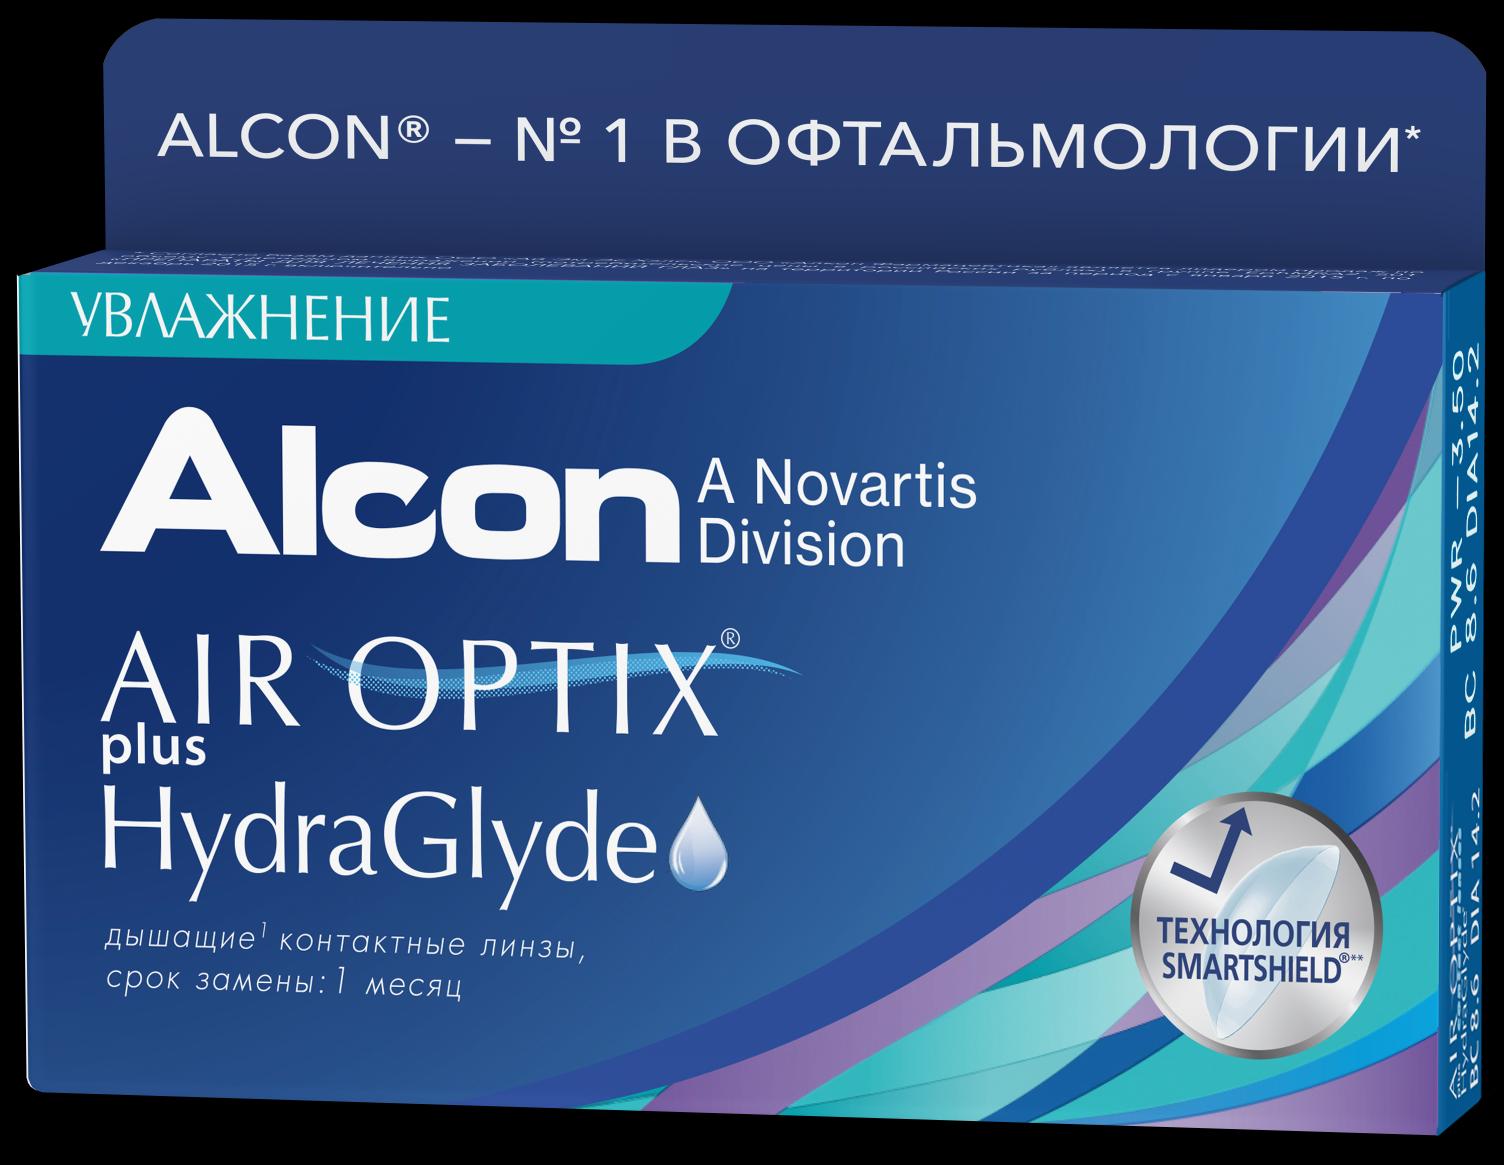 Контактные линзы Air Optix plus HydraGlyde 6 шт.